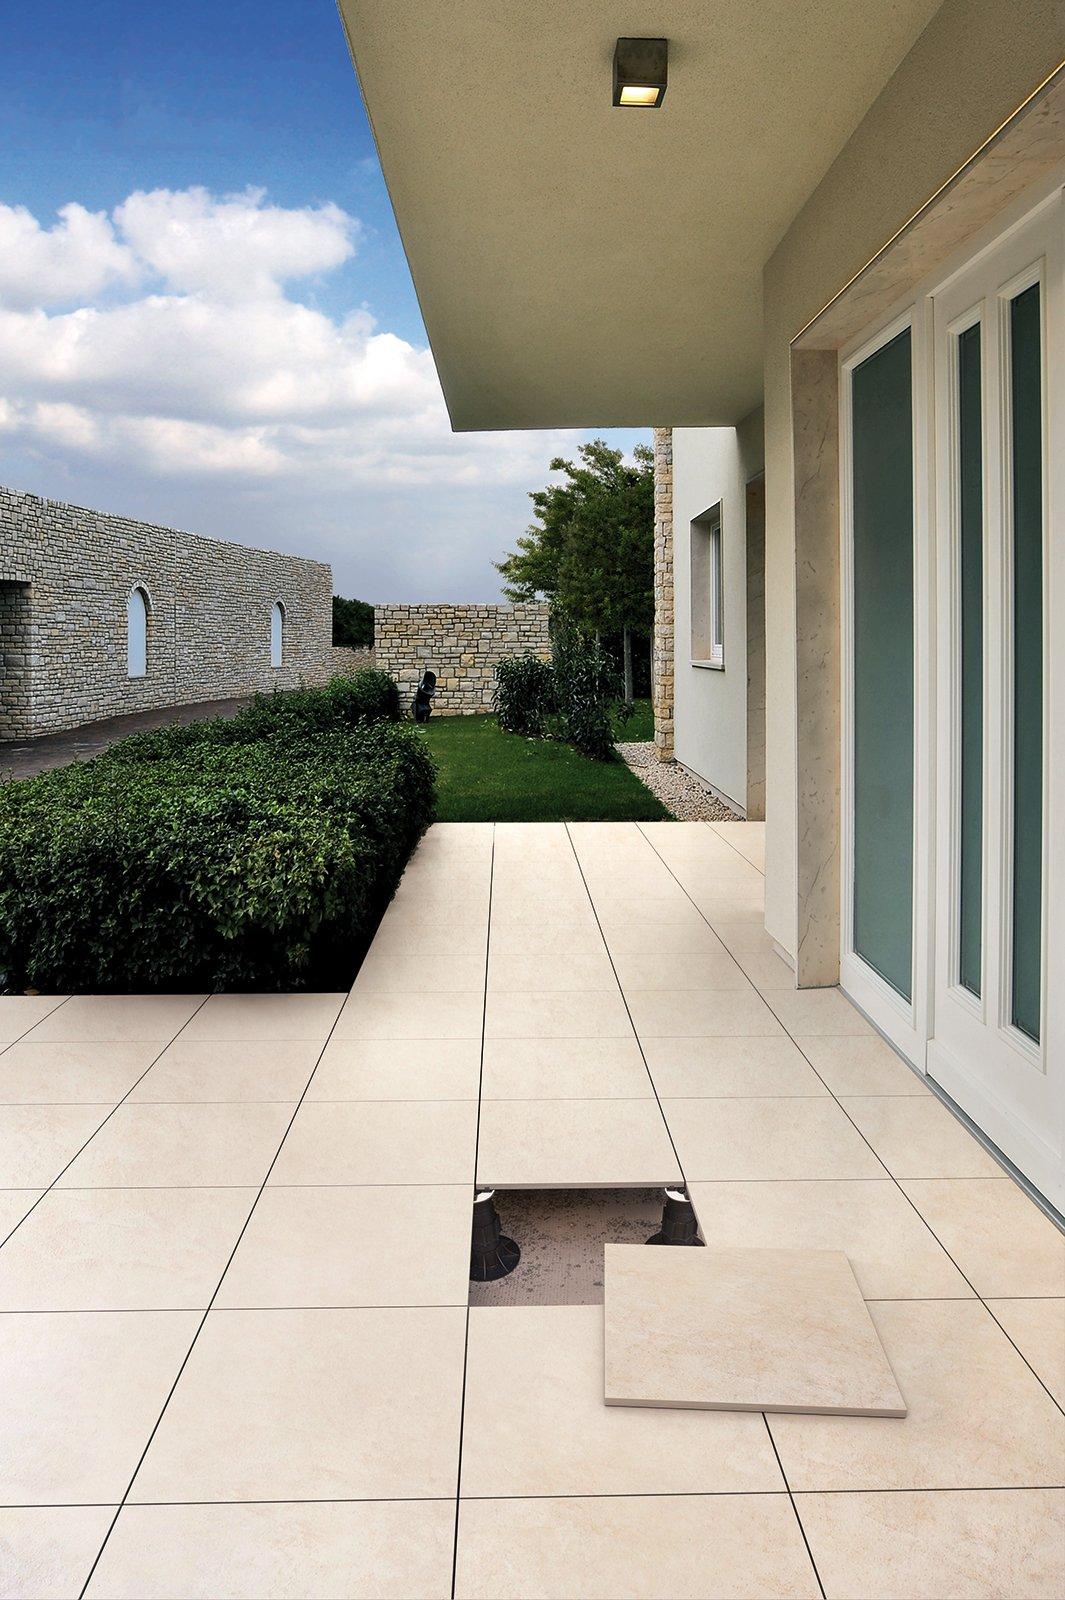 Pavimenti sopraelevati anche per le abitazioni tanti i - Piastrelle da incollare su pavimento esistente ...